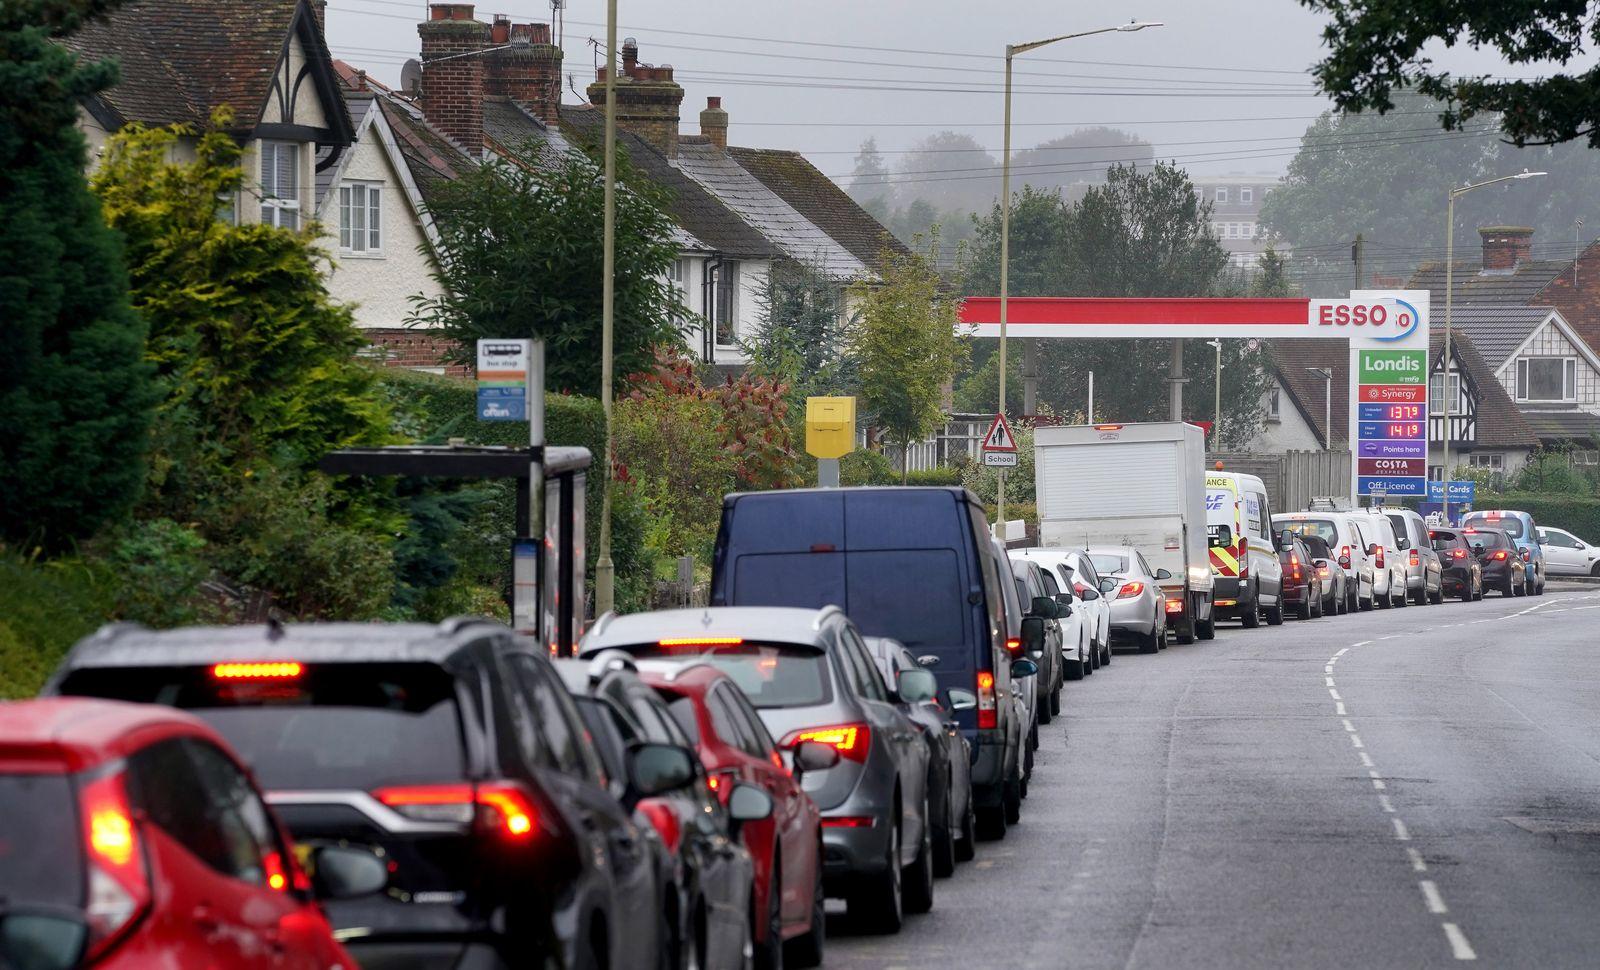 Mangel an Lkw-Fahrern in Großbritannien